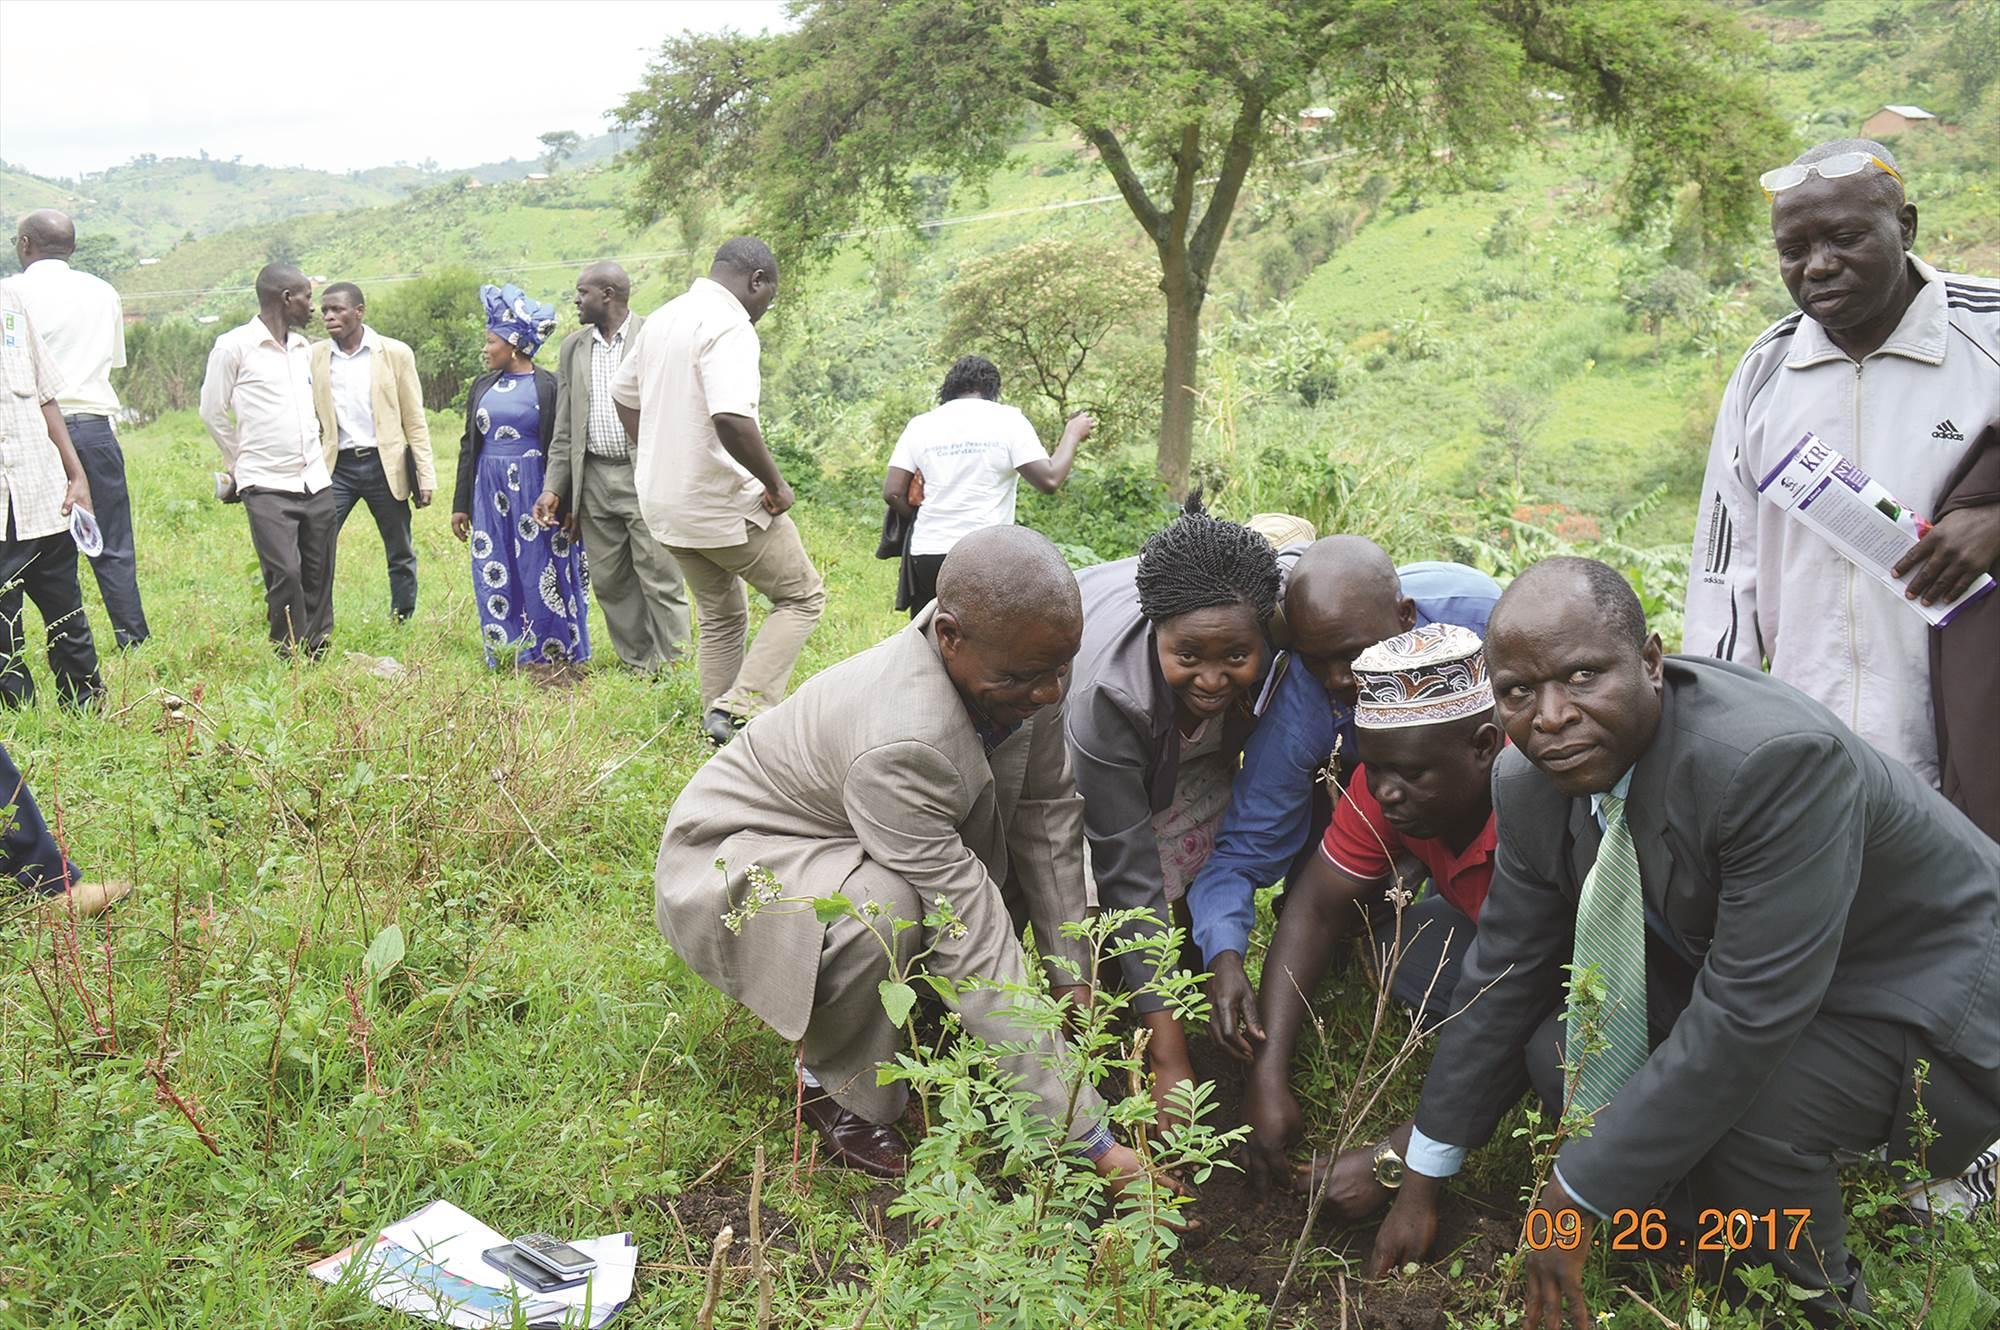 International Celebration for Peace day in Uganda